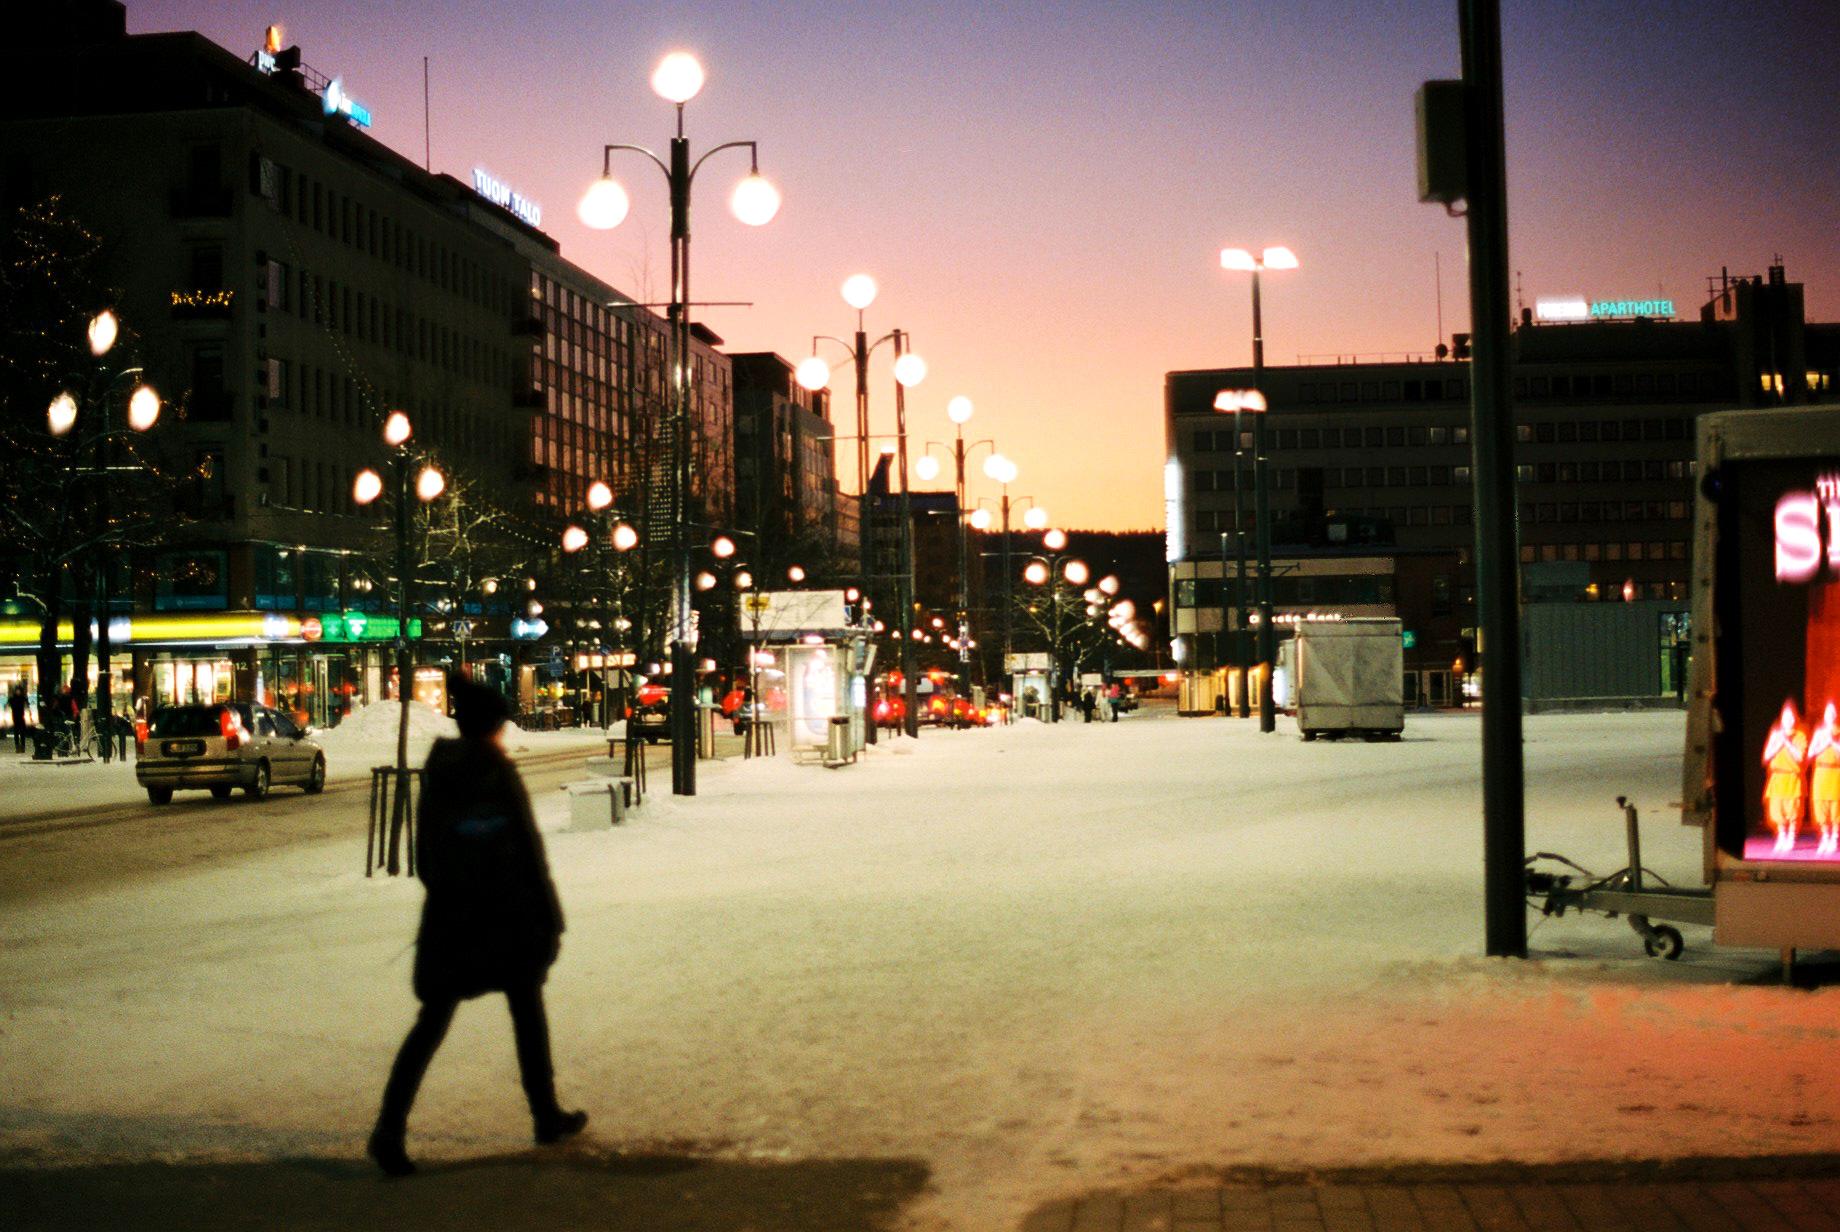 filmedits_finland_CNV00002 9.jpg